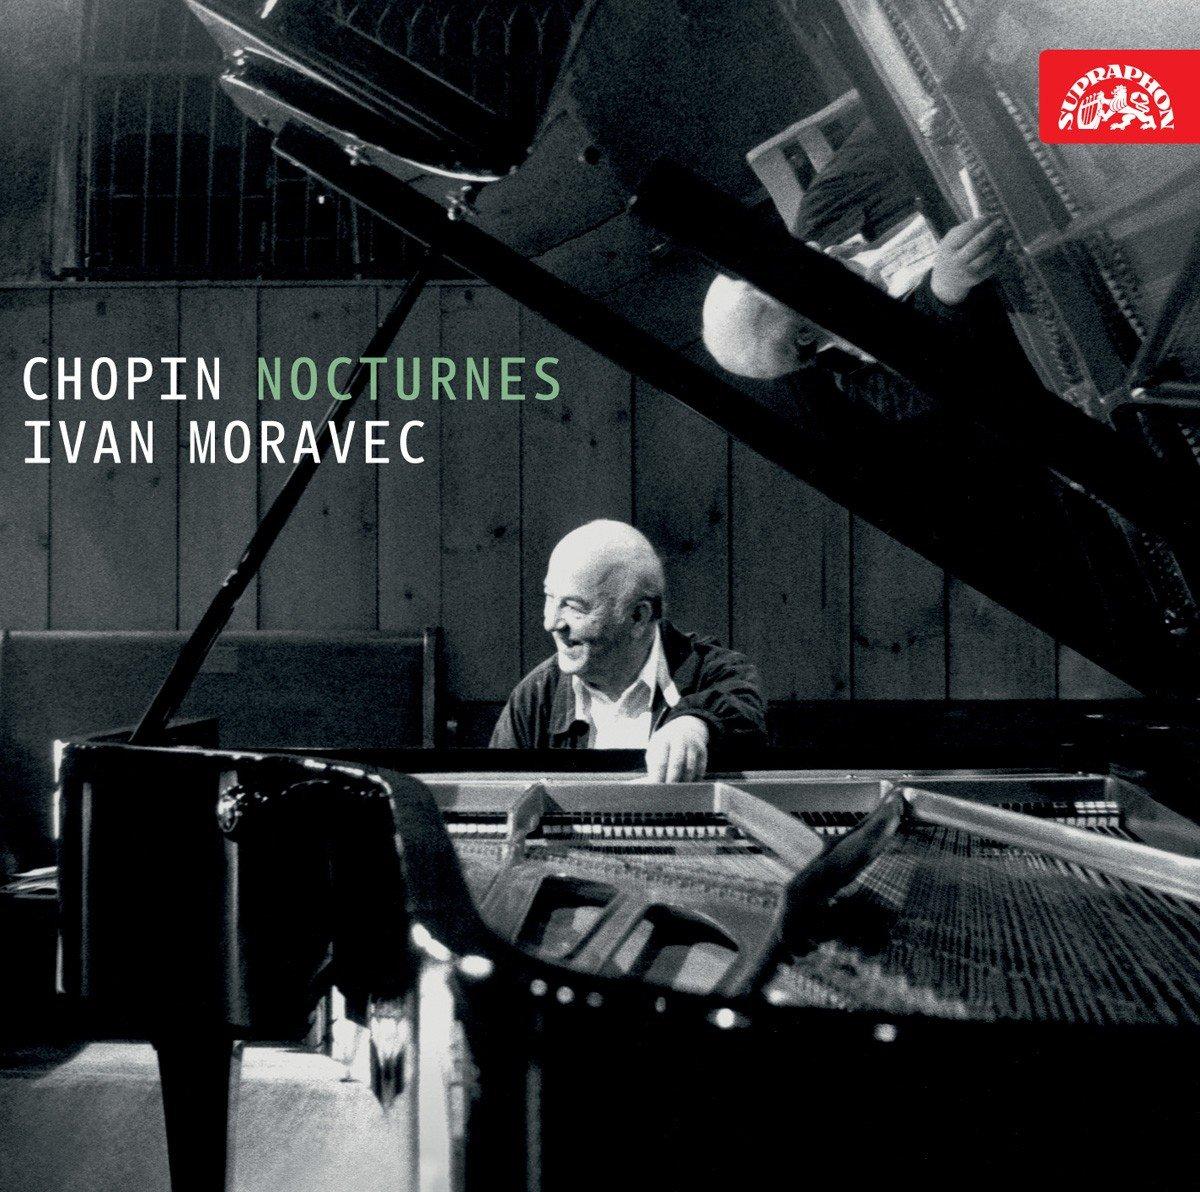 Chopin - Nocturnes, polonaises, préludes, etc... - Page 14 81Y7fxb2B4L